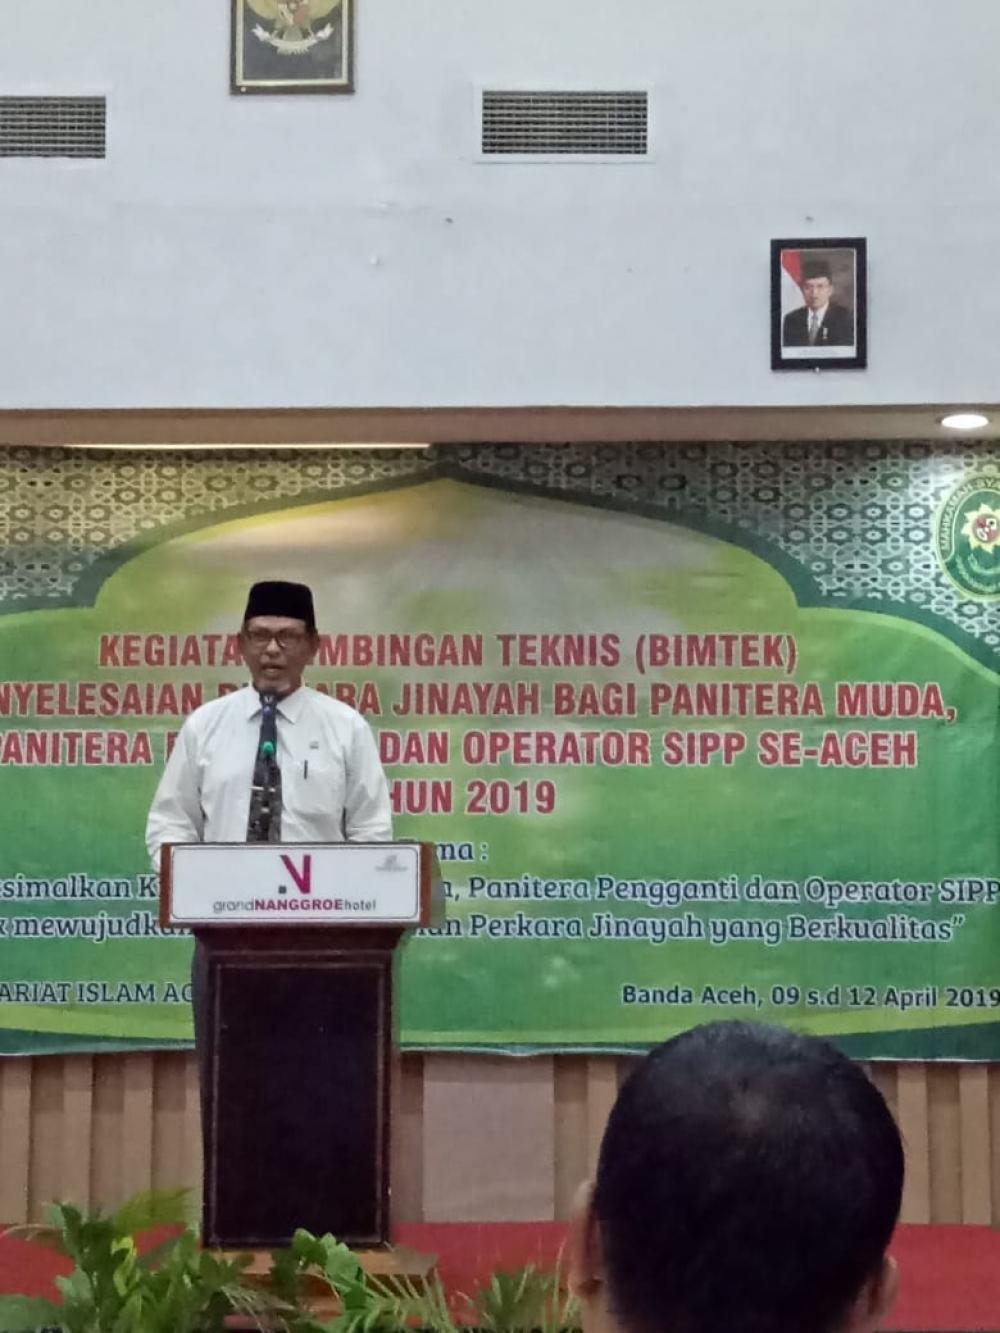 Pejabat Kepaniteraan dan Operator SIPP Mahkamah Syar'iyah Kab/Kota Se Aceh Ikuti Bimtek Penyelesaian Perkara Jinayat